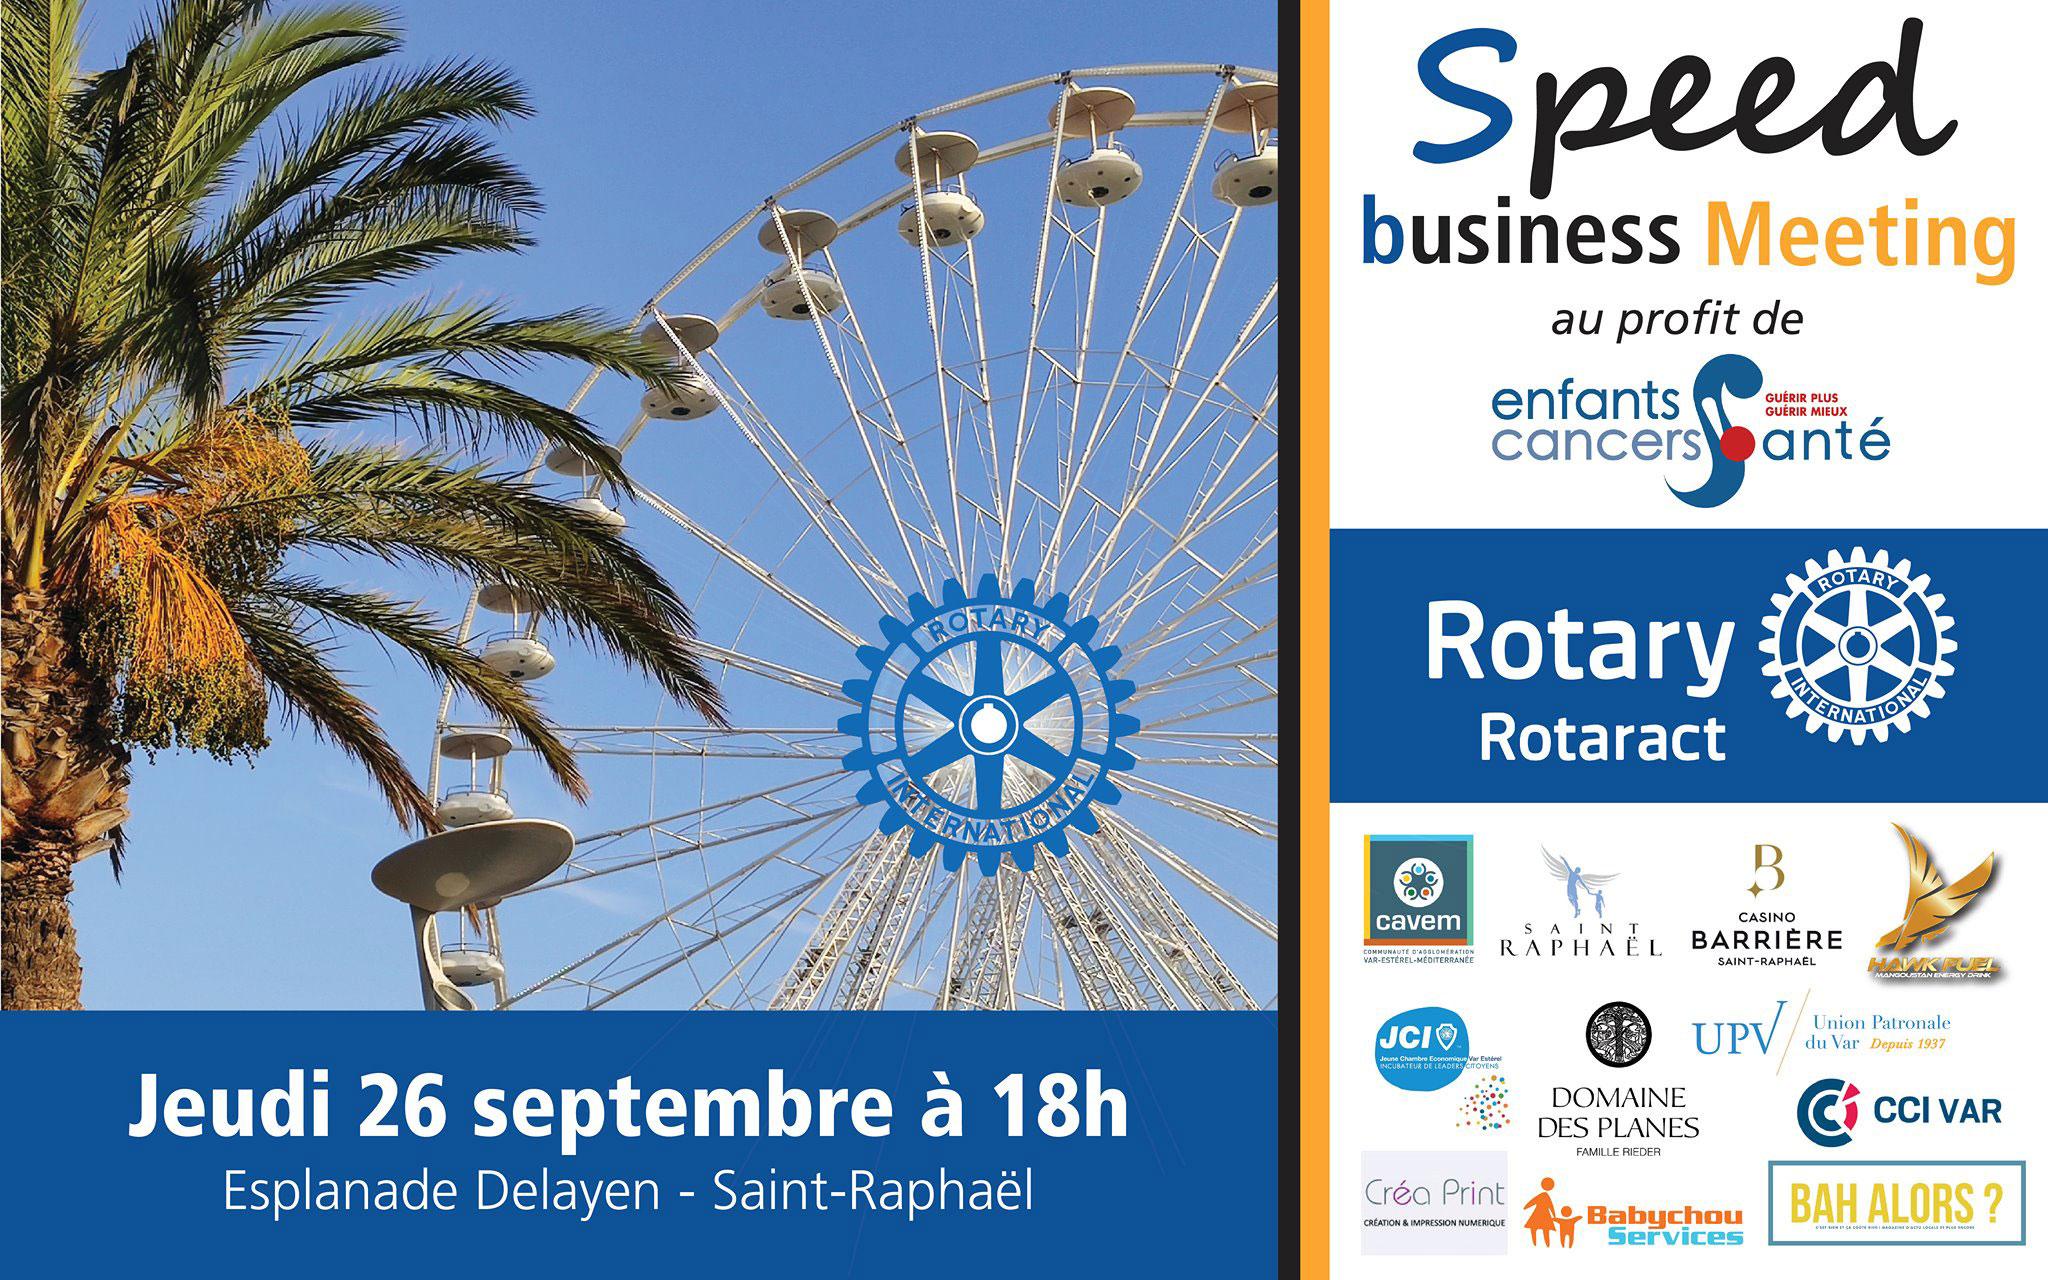 La société Virtuoses Médias développe son réseau en participant au Speed Business Meeting sur la roue de Saint-Raphaël.